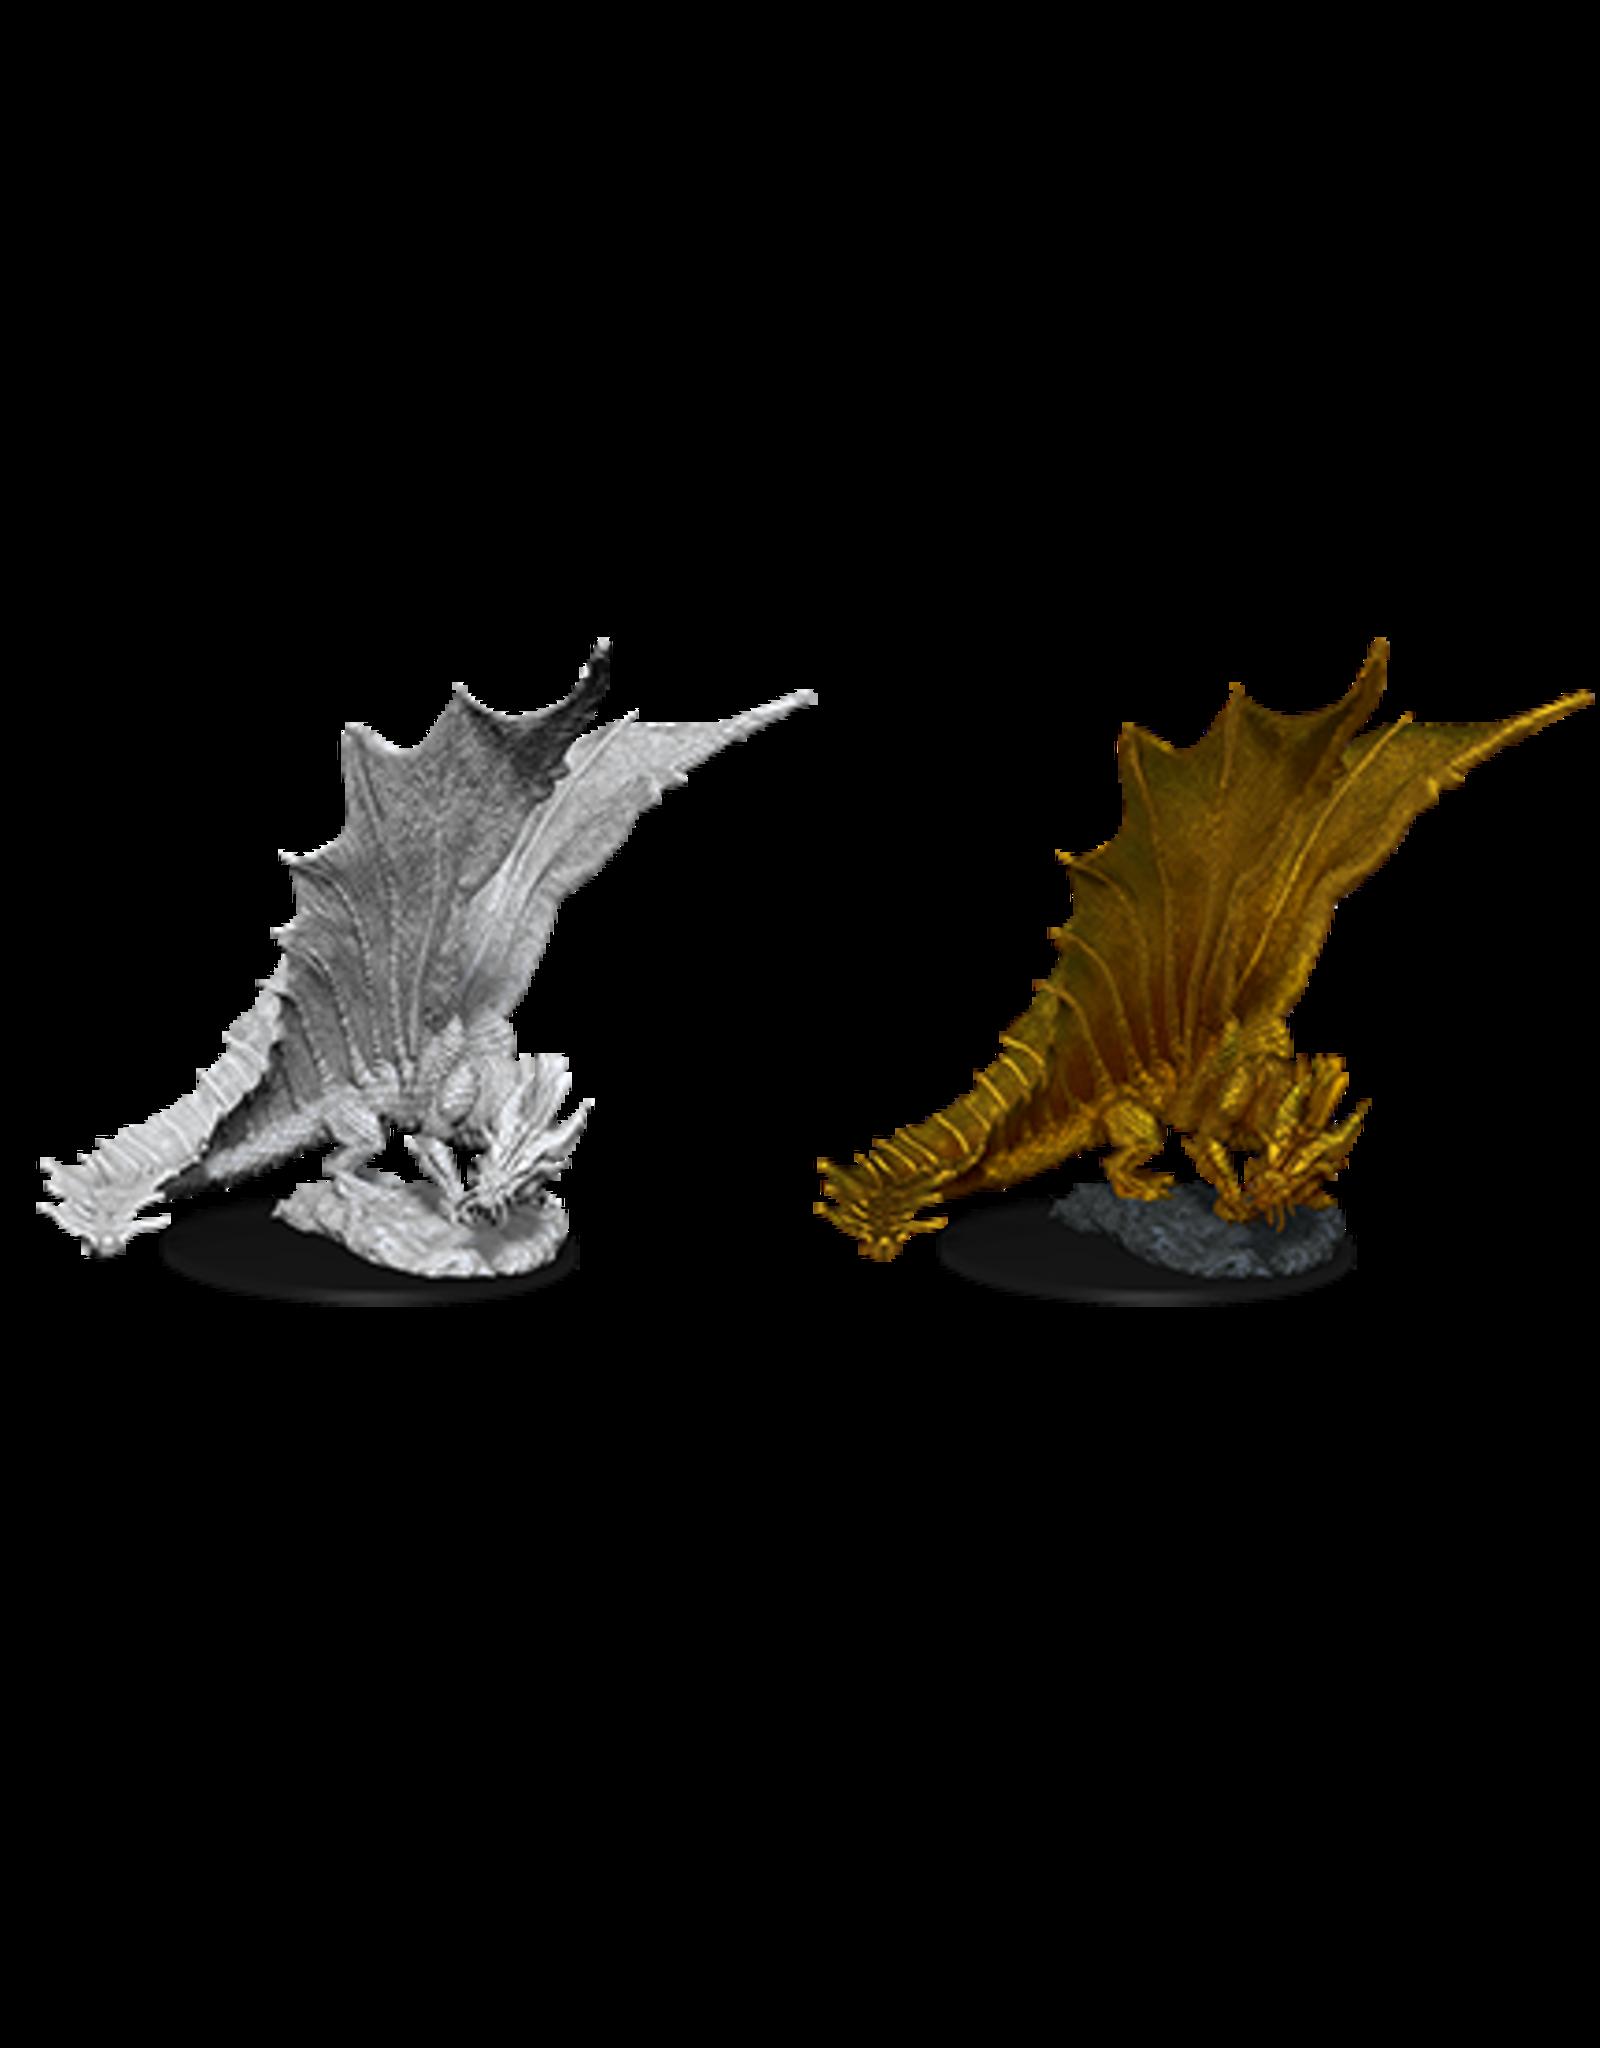 WizKids D&D Nolzur's Marvelous Miniatures: Young Gold Dragon